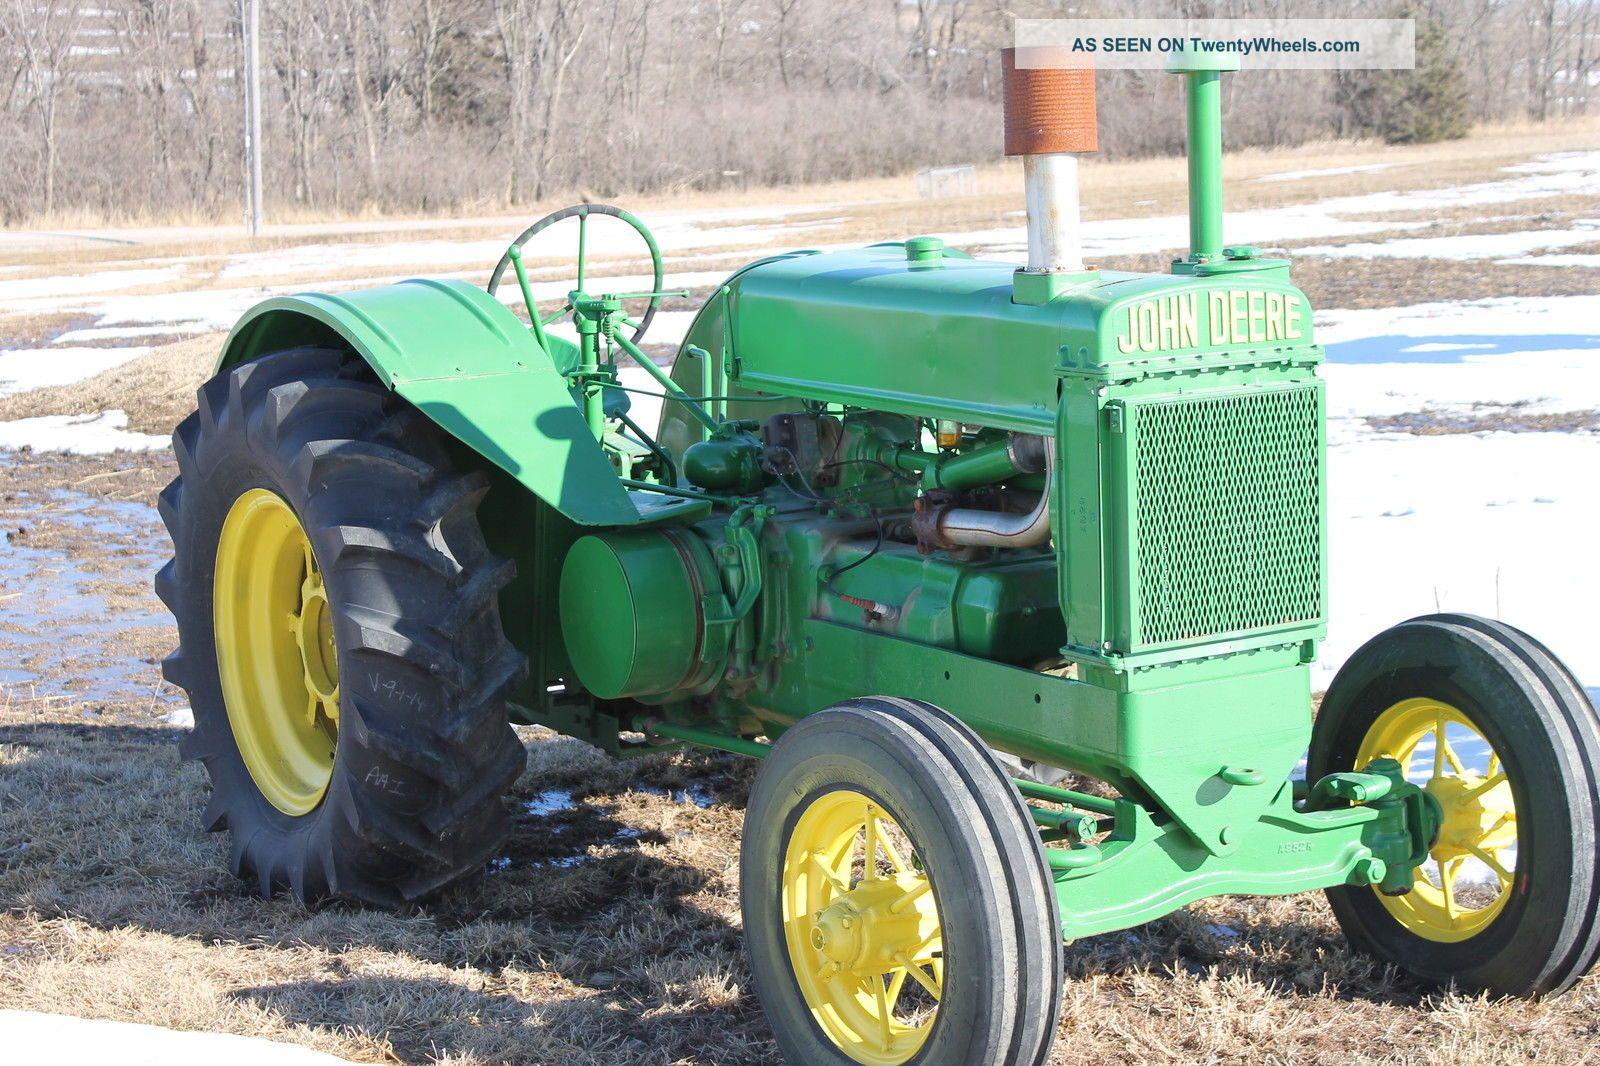 Old John Deere Tractors : Antique john deere tractor